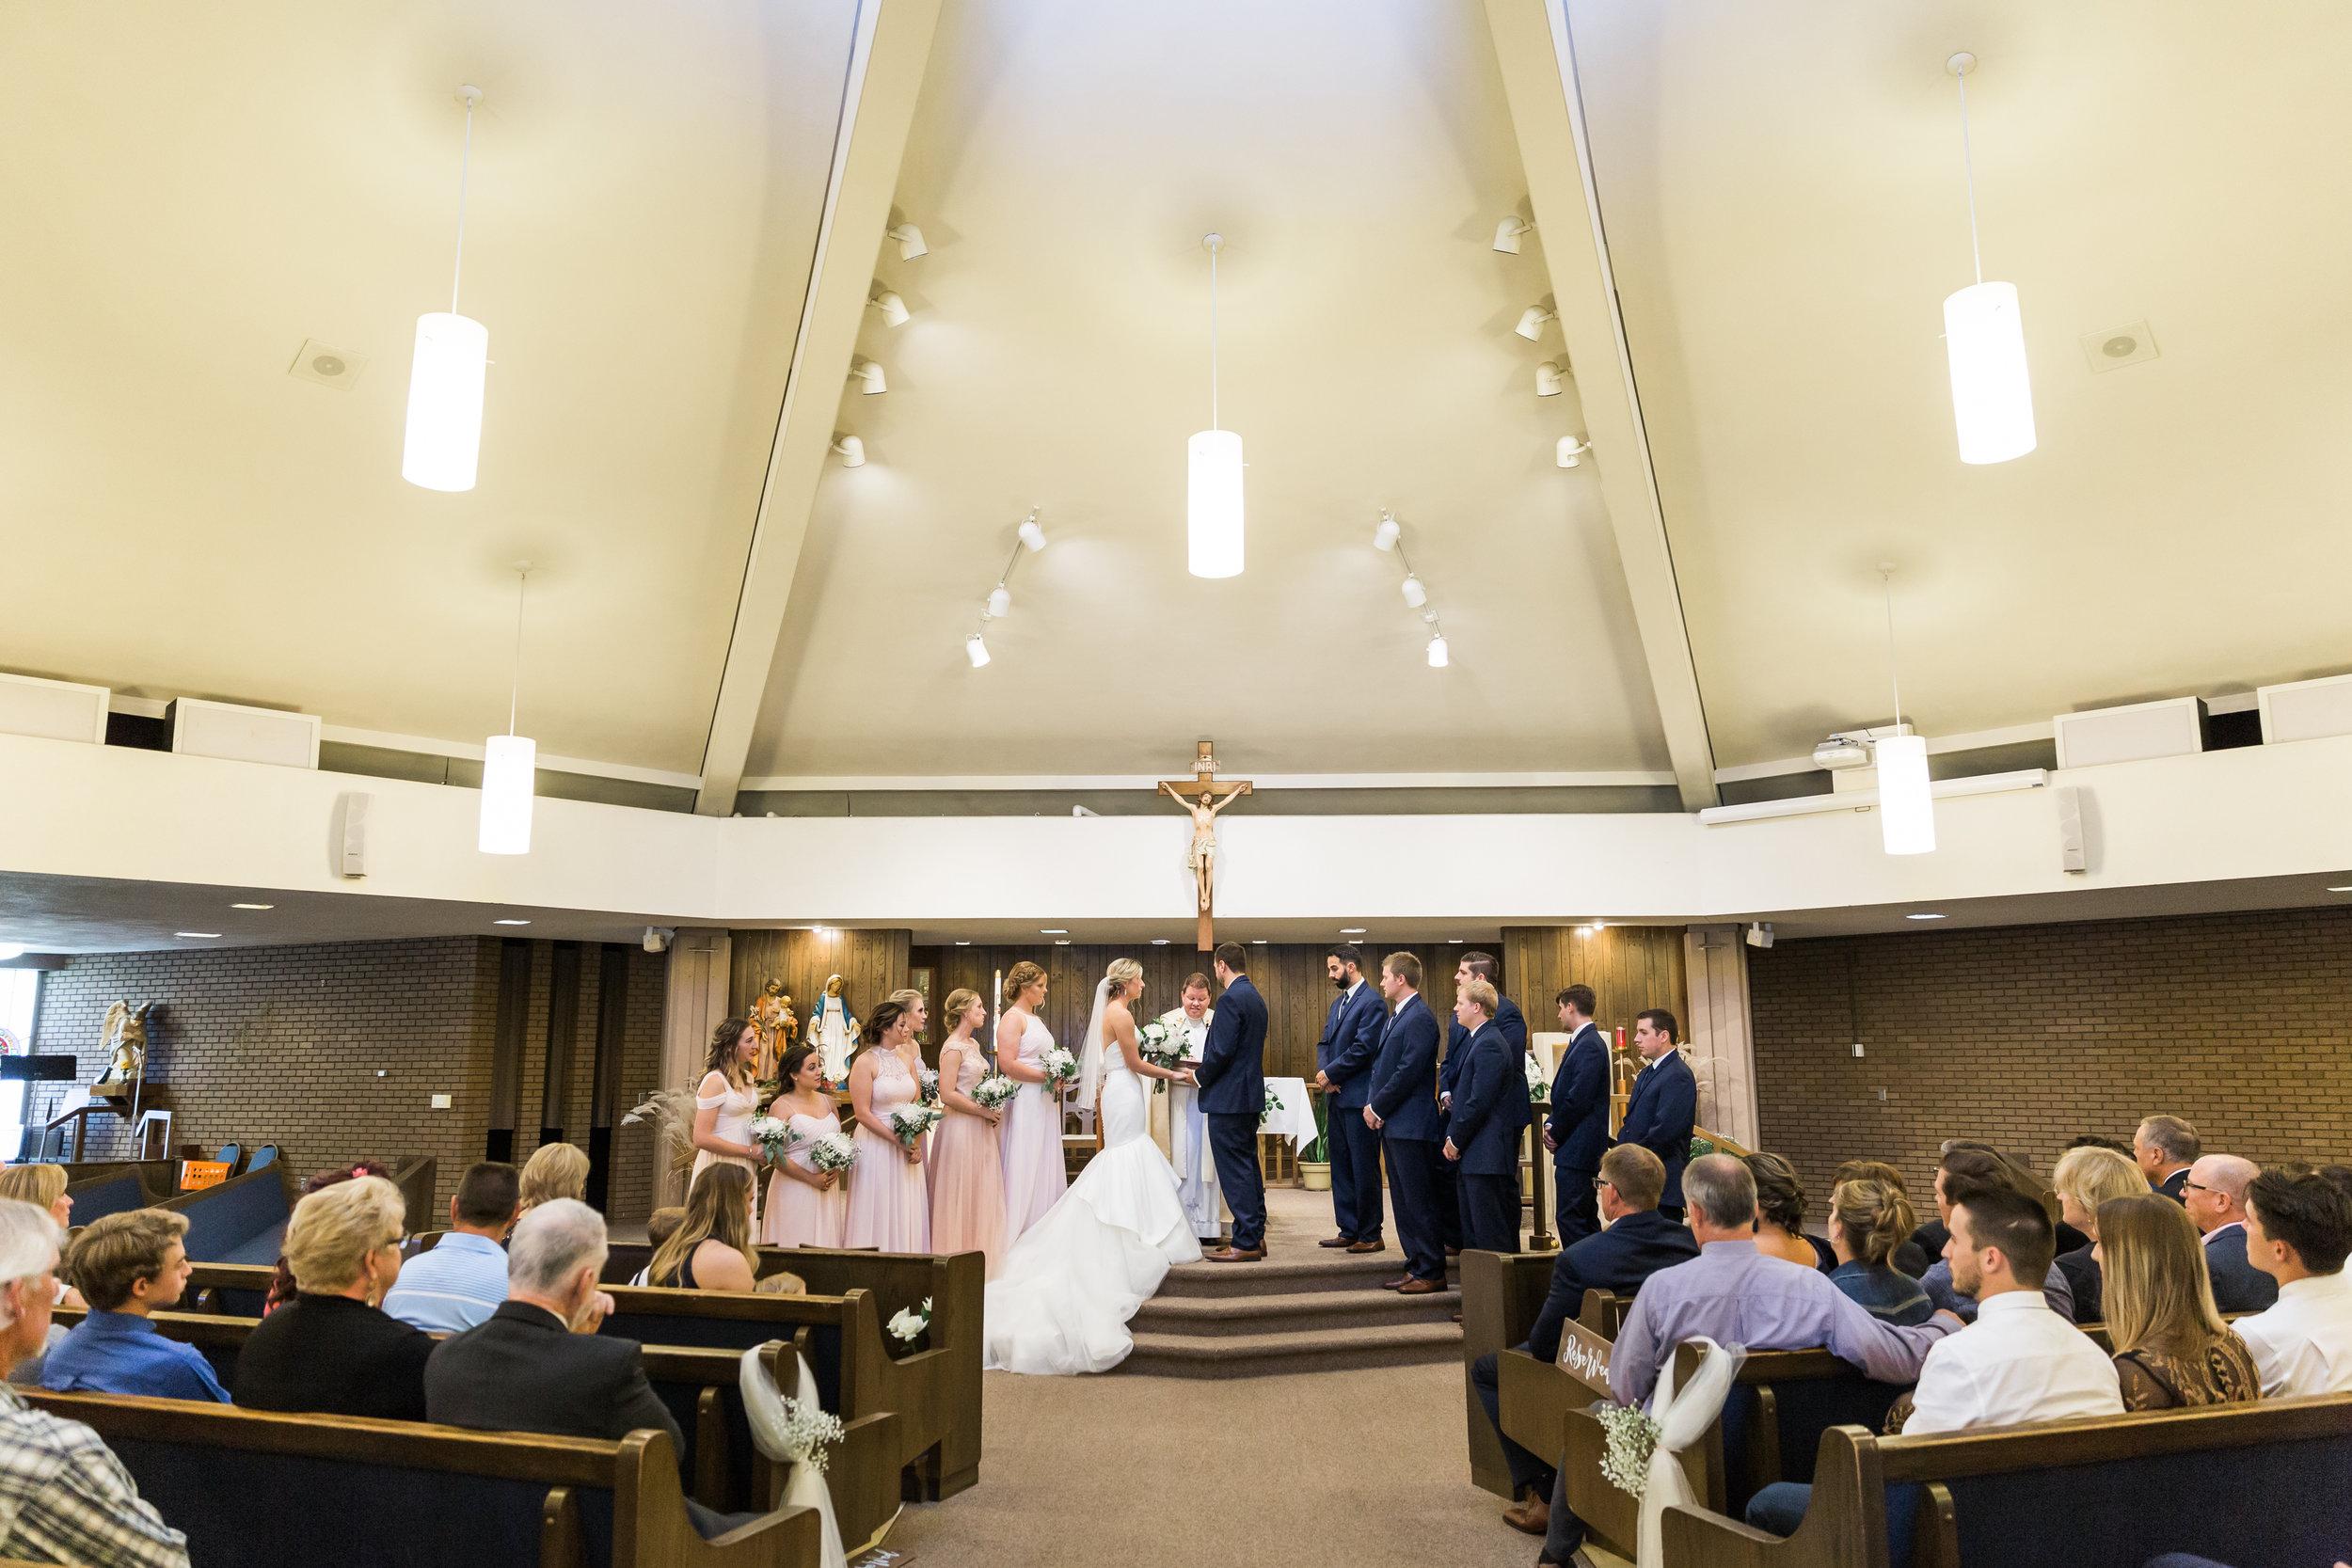 heartfeltcentraliowawedding-32.jpg